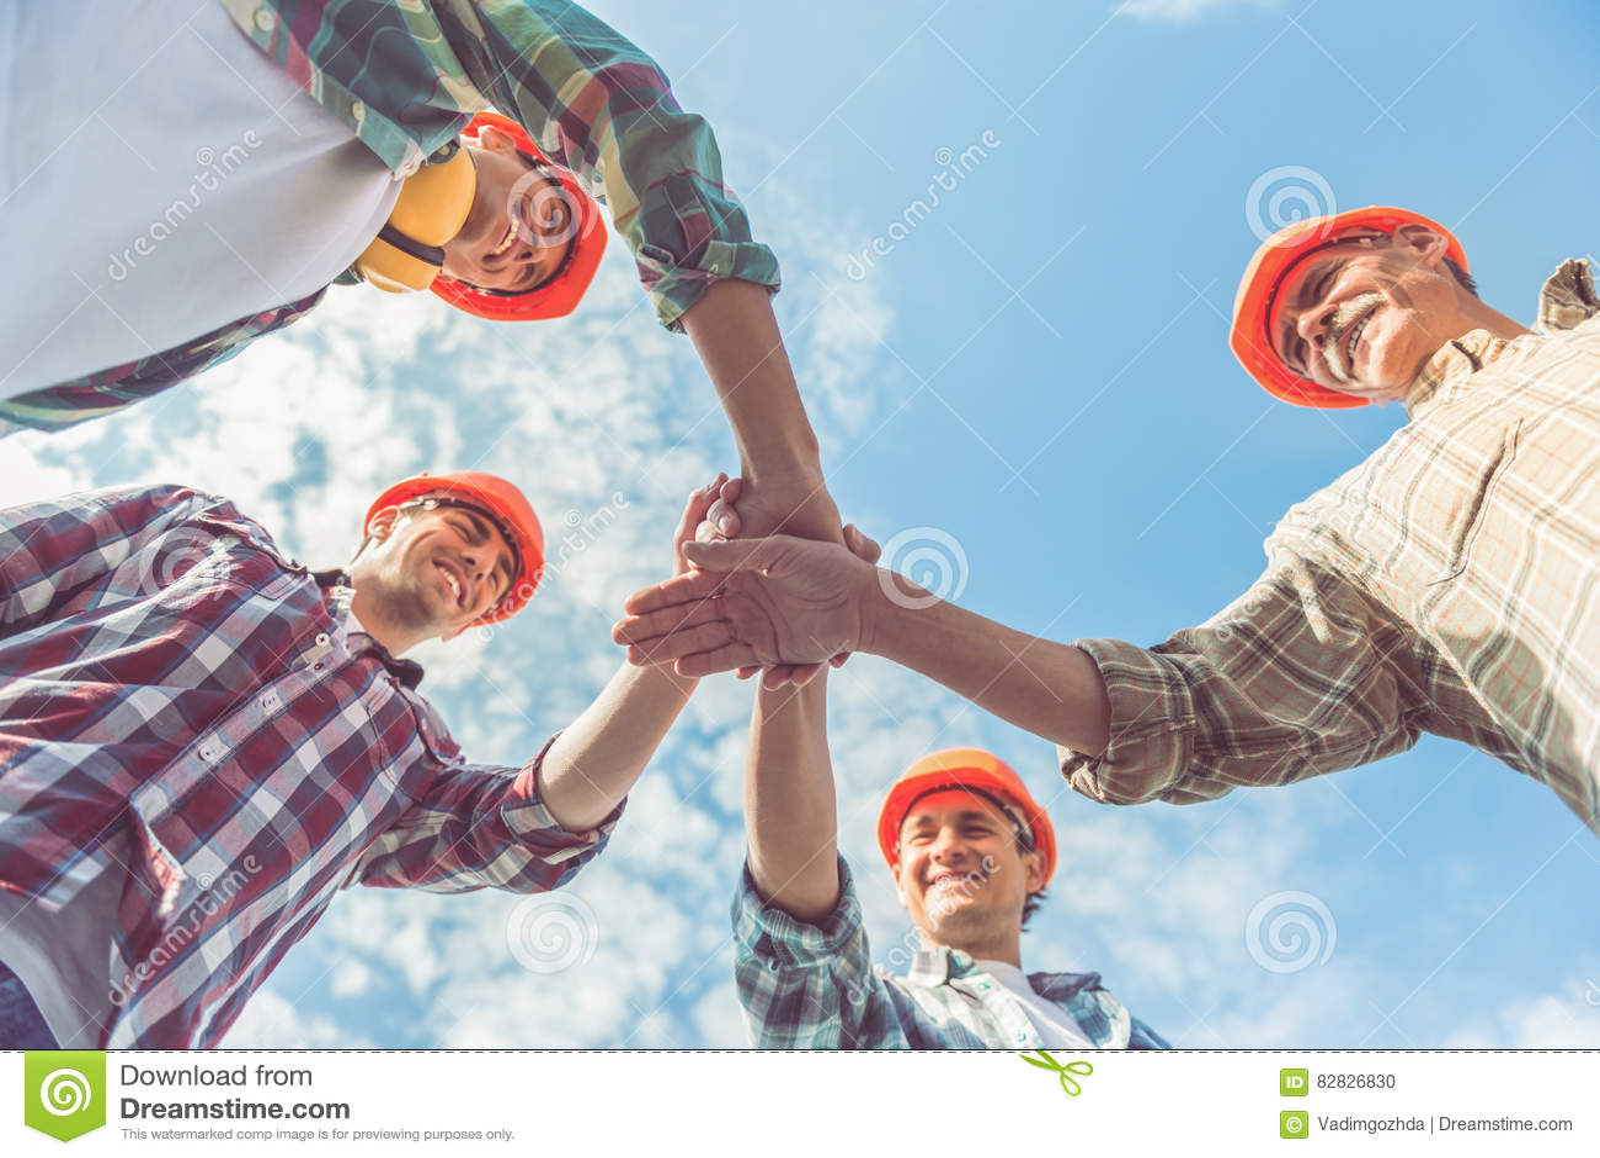 Trabalhadores da indústria da construção civil